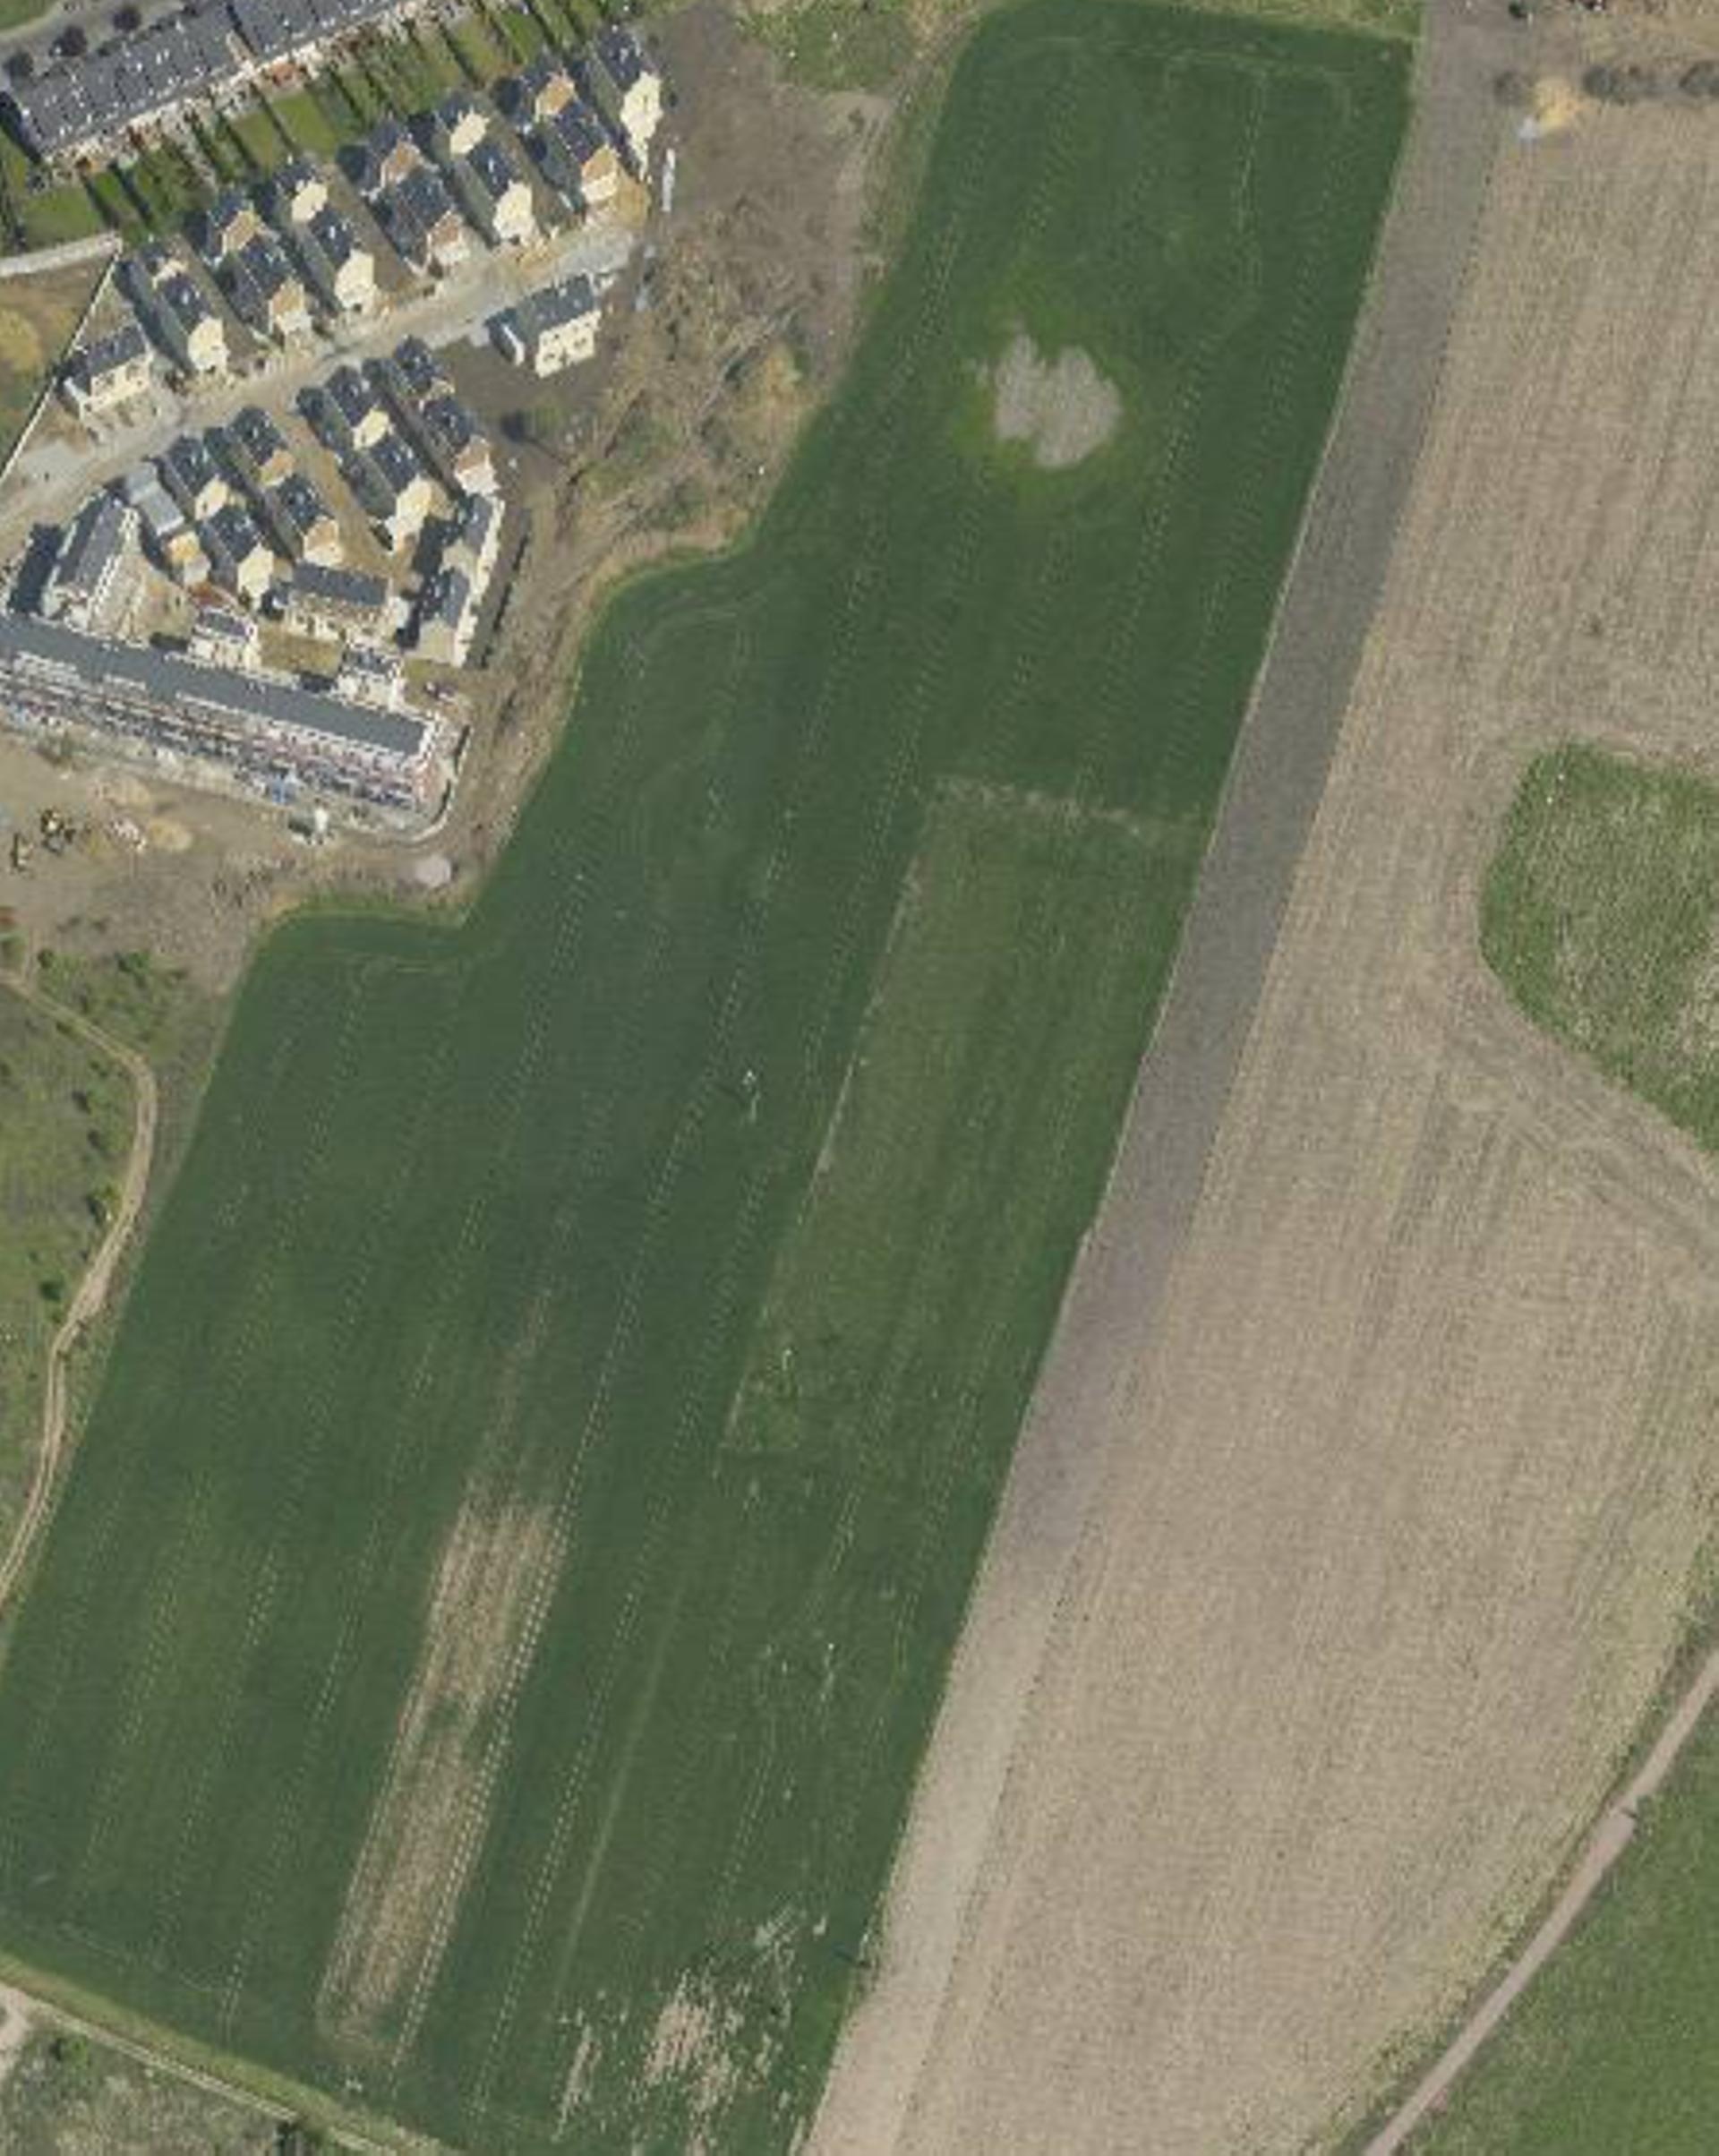 Wrocław: Deweloperzy szykują nowe osiedla na Wojszycach. Jedno ma zająć kilka hektarów